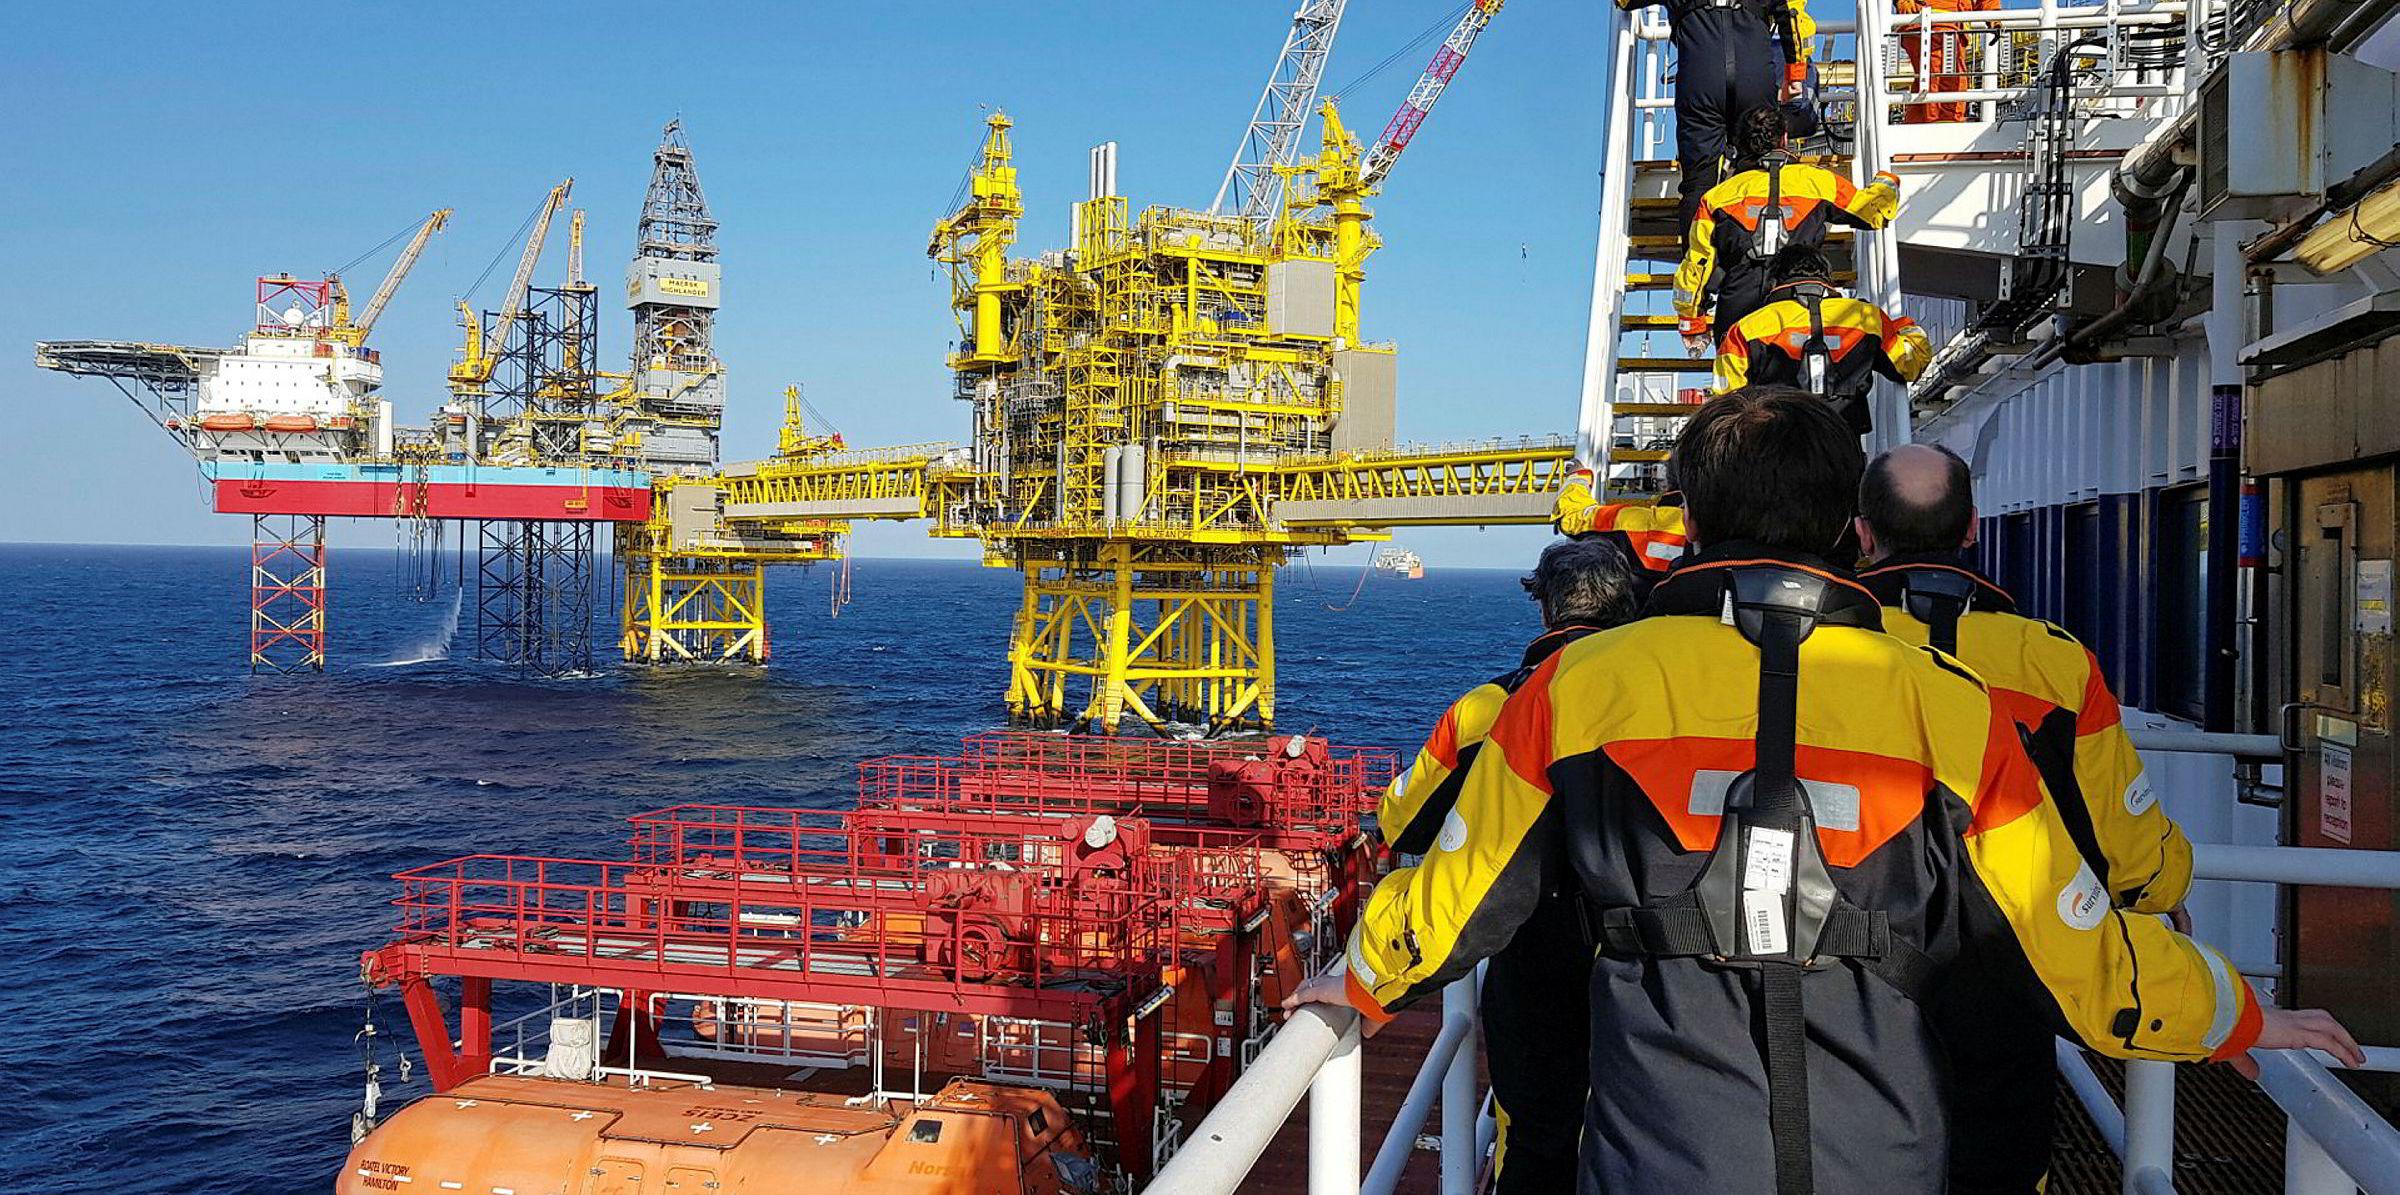 Нефтедобывающая морская платформа